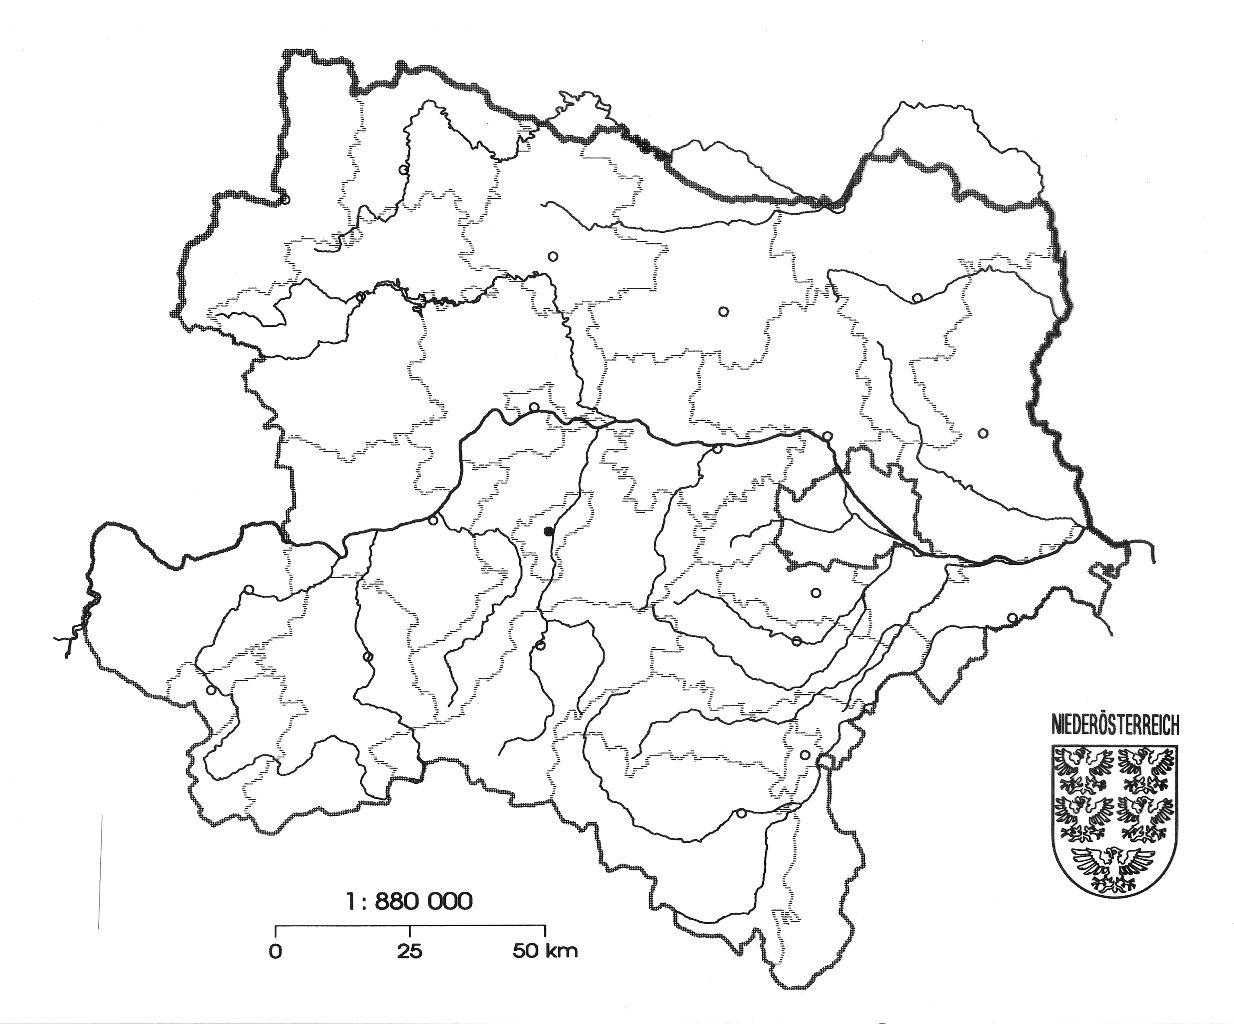 Stumme Karte Afrika.Stumme Karte Niederösterreich Schule At